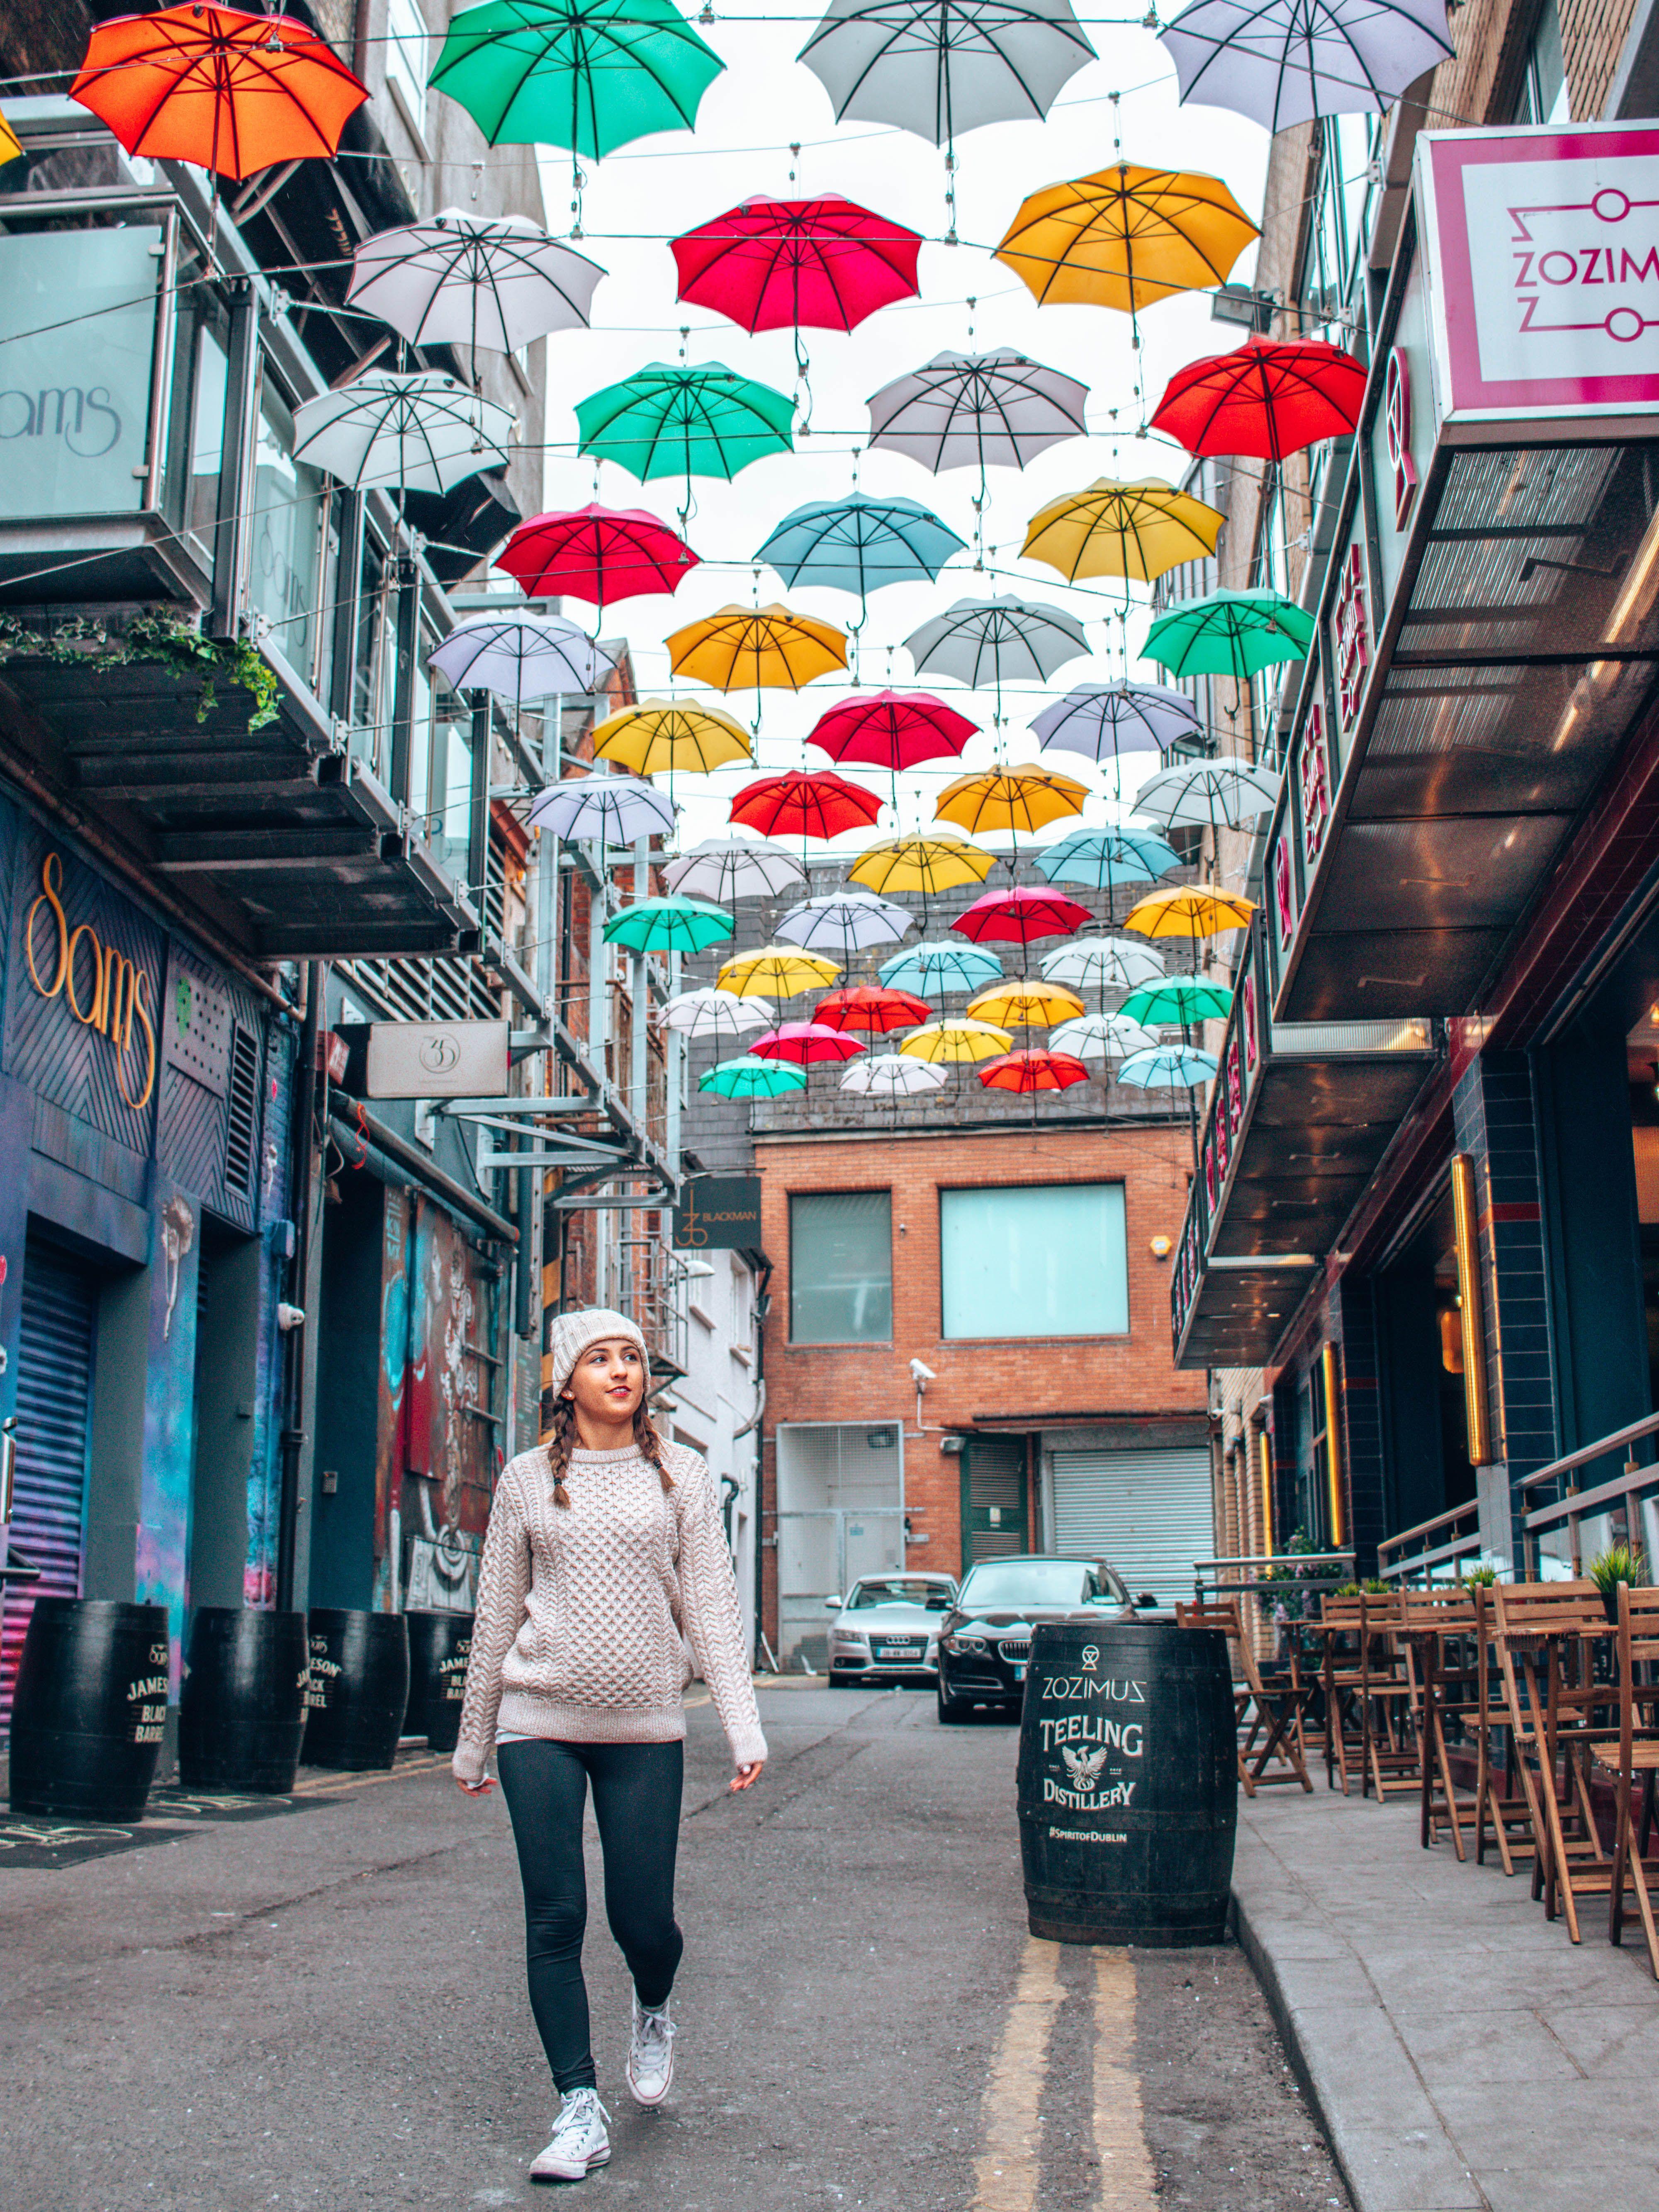 Ireland Dublin Umbrellas Ireland pictures